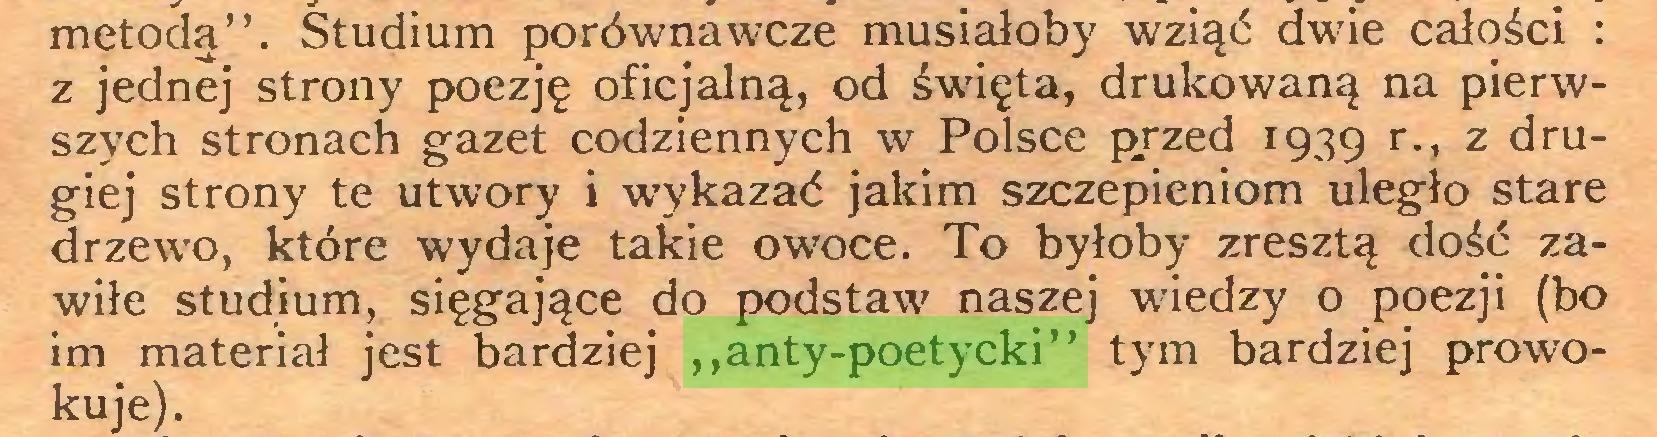 """(...) metodą"""". Studium porównawcze musiałoby wziąć dwie całości : z jednej strony poezję oficjalną, od święta, drukowaną na pierwszych stronach gazet codziennych w Polsce przed 1939 r-> z drugiej strony te utwory i wykazać jakim szczepieniom uległo stare drzewo, które wydaje takie owoce. To byłoby zresztą dość zawiłe studium, sięgające do podstaw naszej wiedzy o poezji (bo im materiał jest bardziej """"anty-poetycki"""" tym bardziej prowokuje)..."""